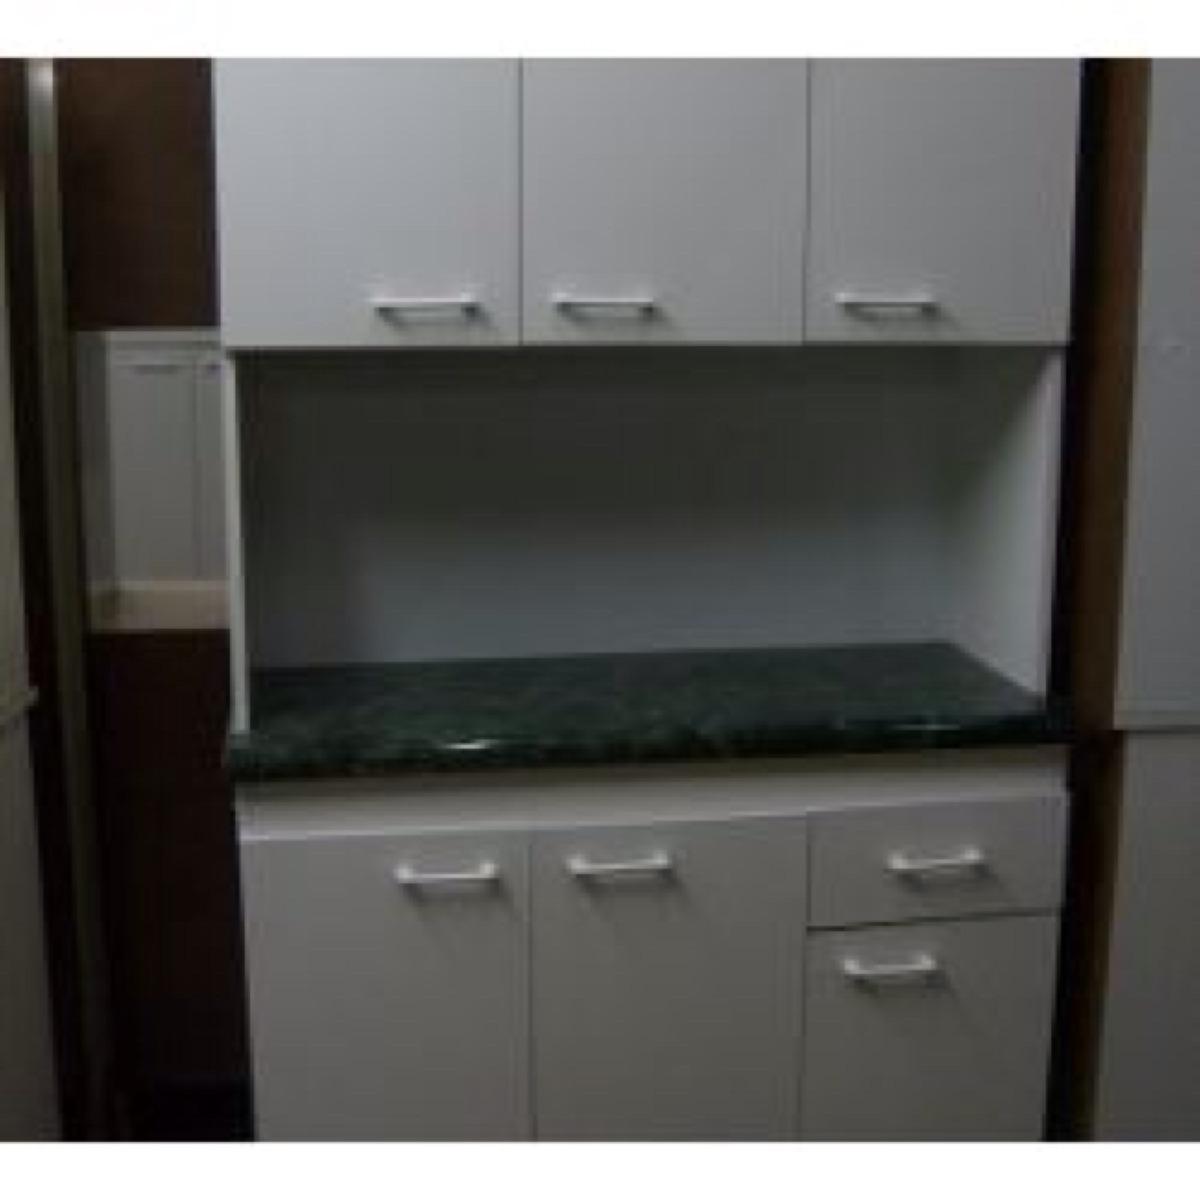 Mueble cocina compacto en mercado libre for Mueble compacto tv